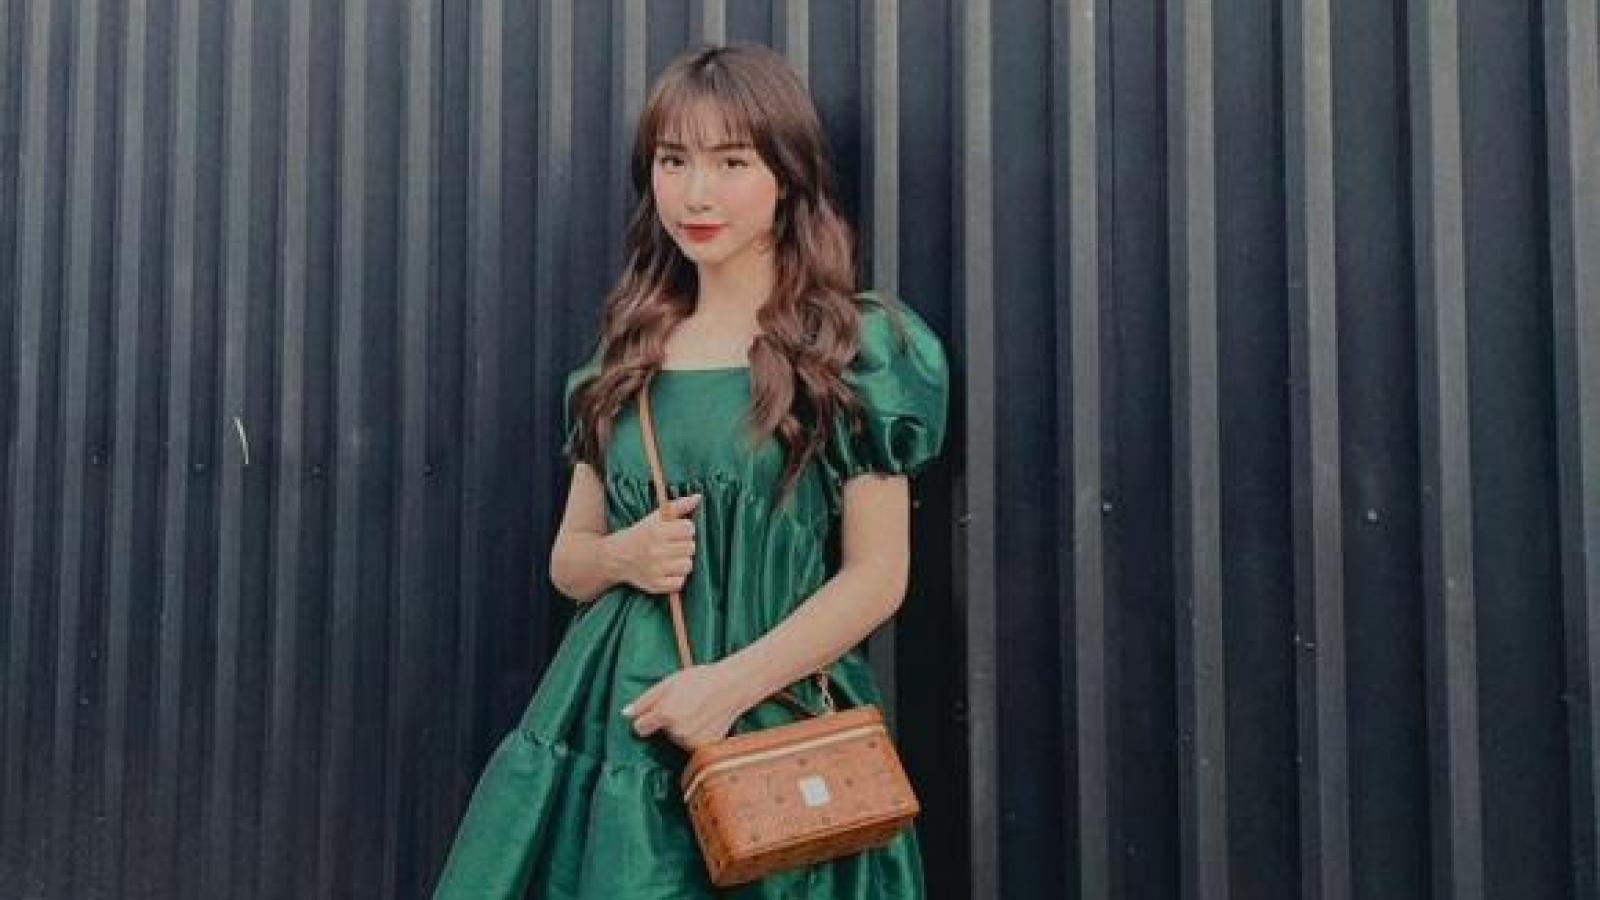 Chuyện showbiz: Hòa Minzy lên tiếng trước tin đồn mang thai lần 2